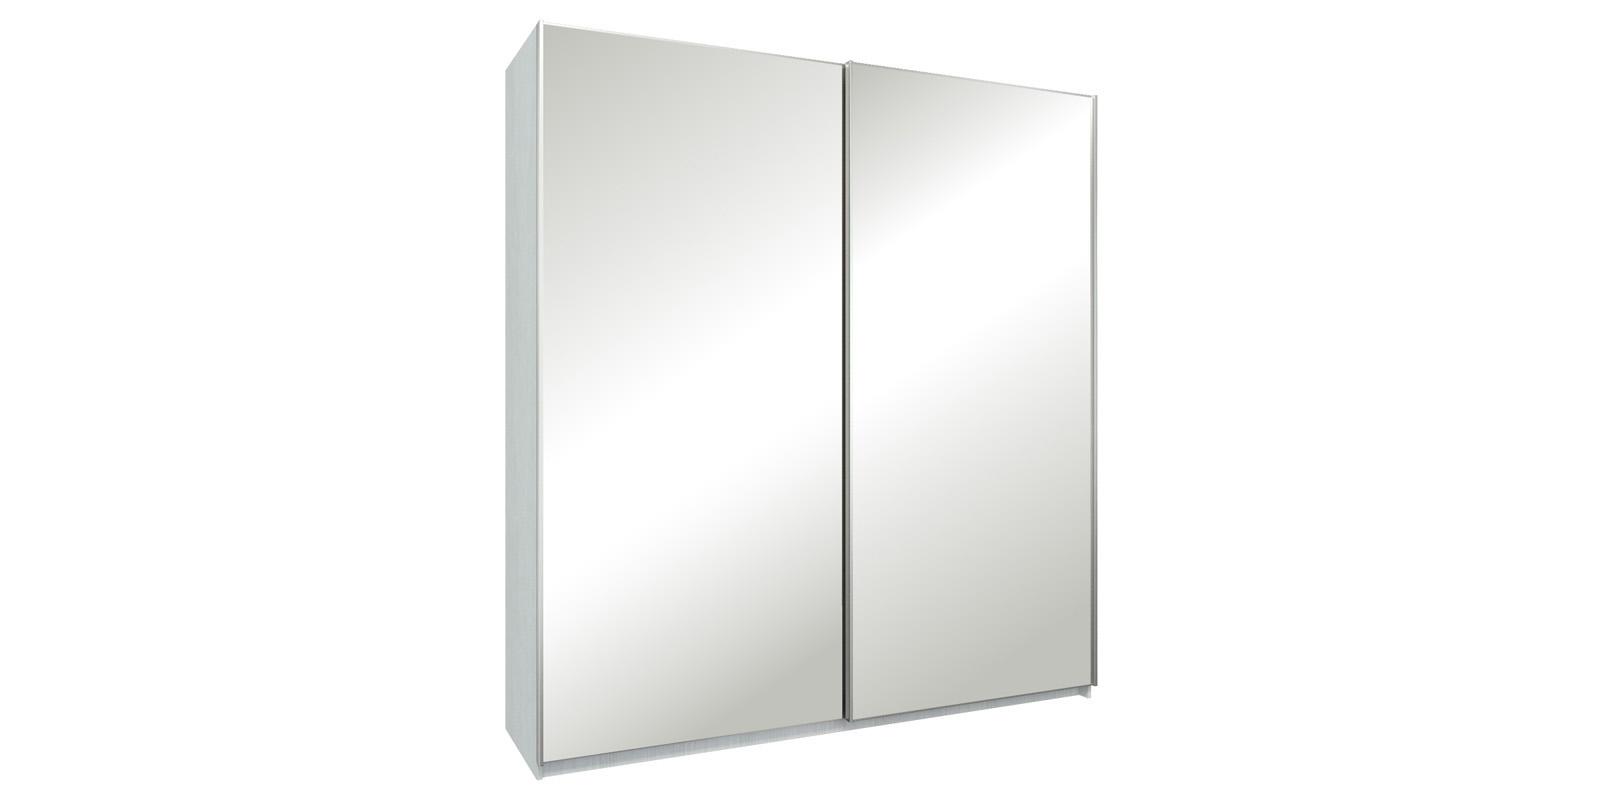 Шкаф-купе двухдверный Лофт 215 см (белый/зеркальный) Лофт